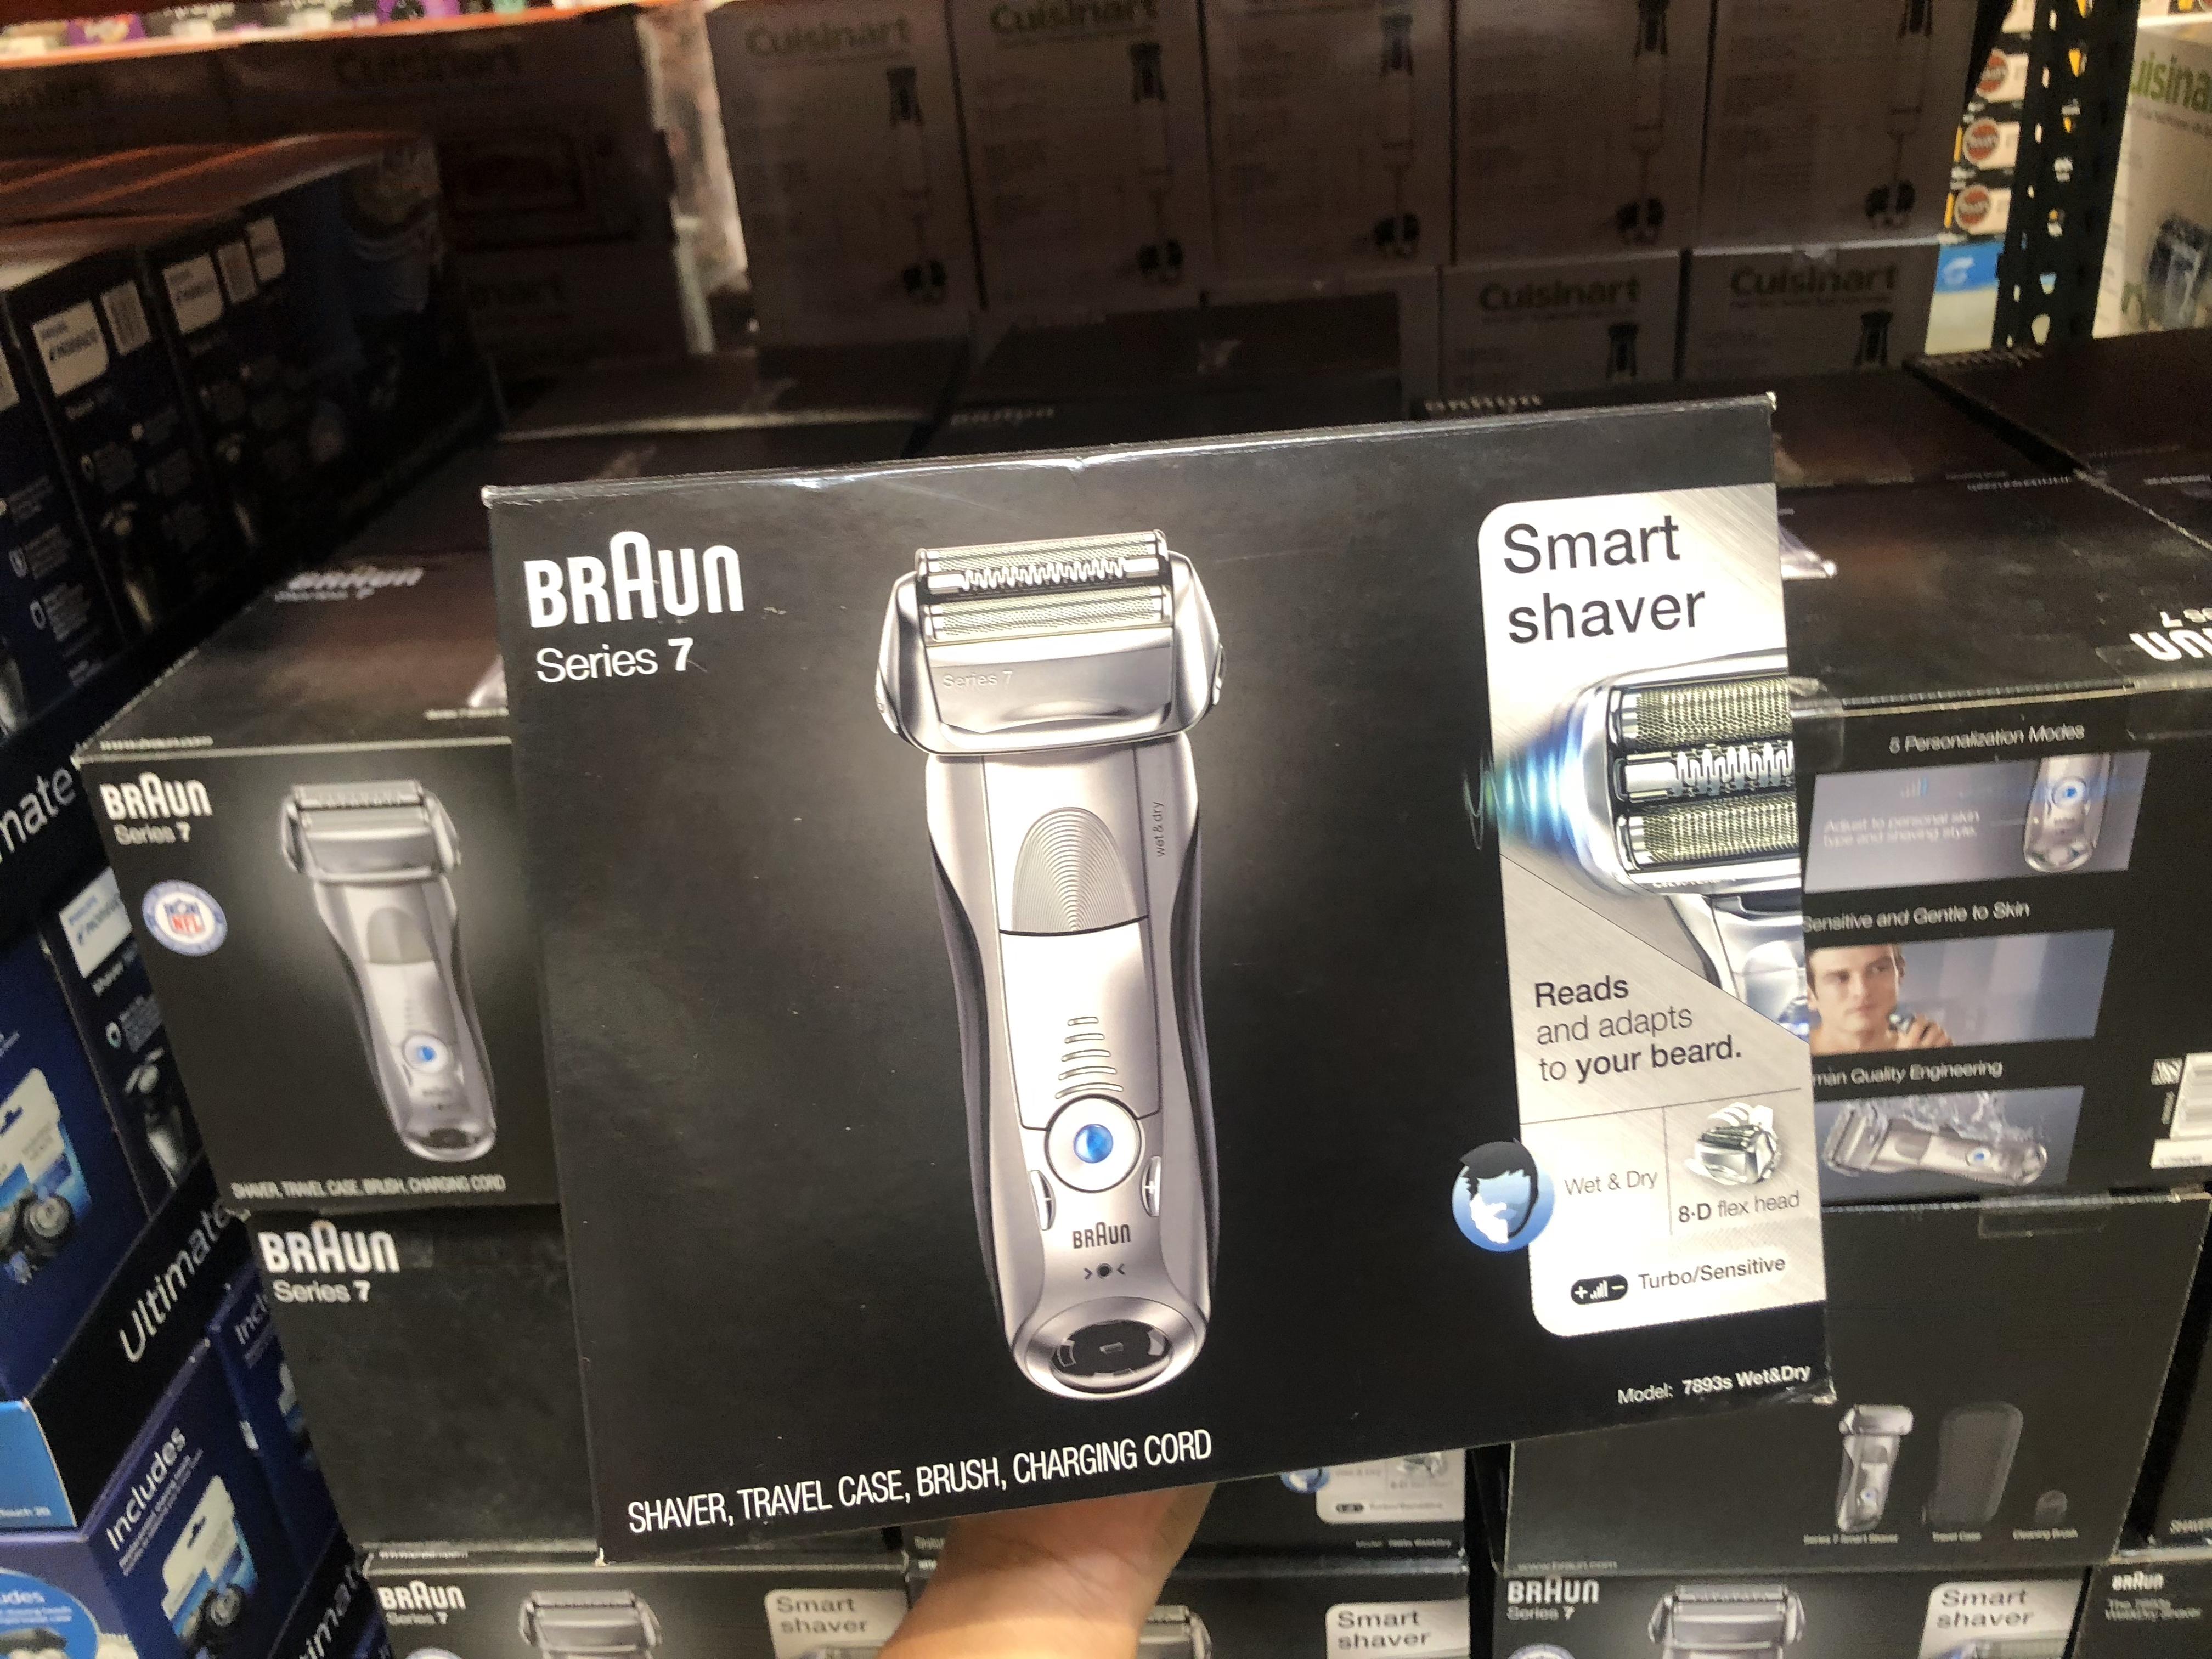 Costco deals October 2018 – Braun Shaver at Costco